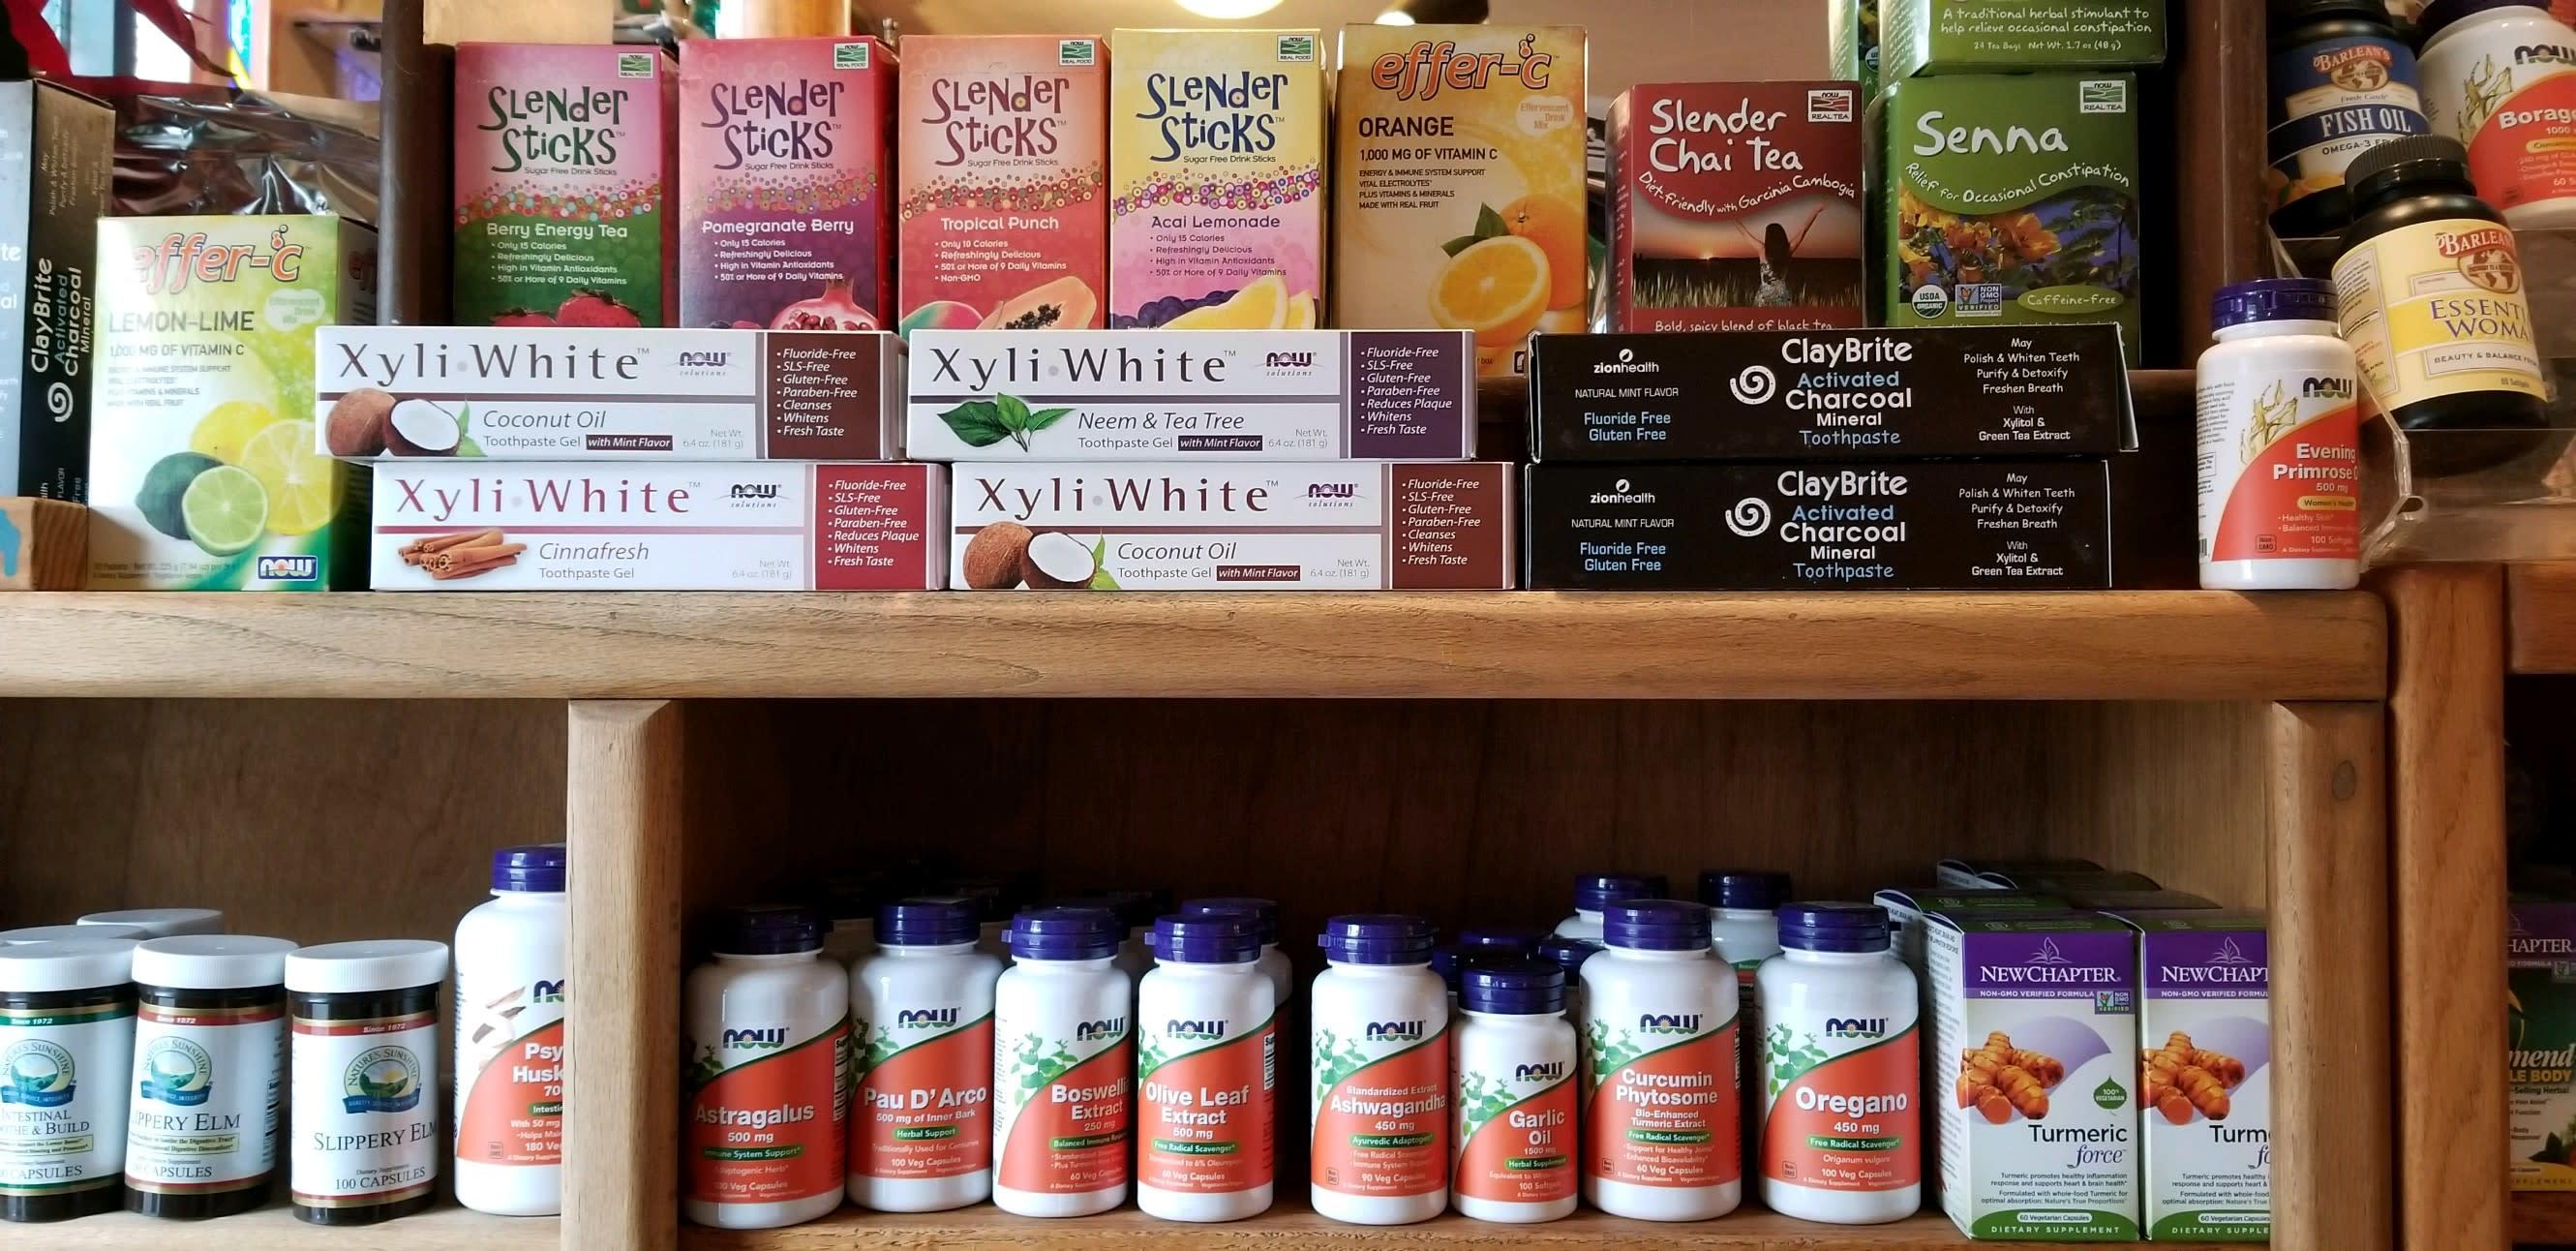 Great selection of Herbal Teas, Herbal Remedies, Vitamins & Minerals